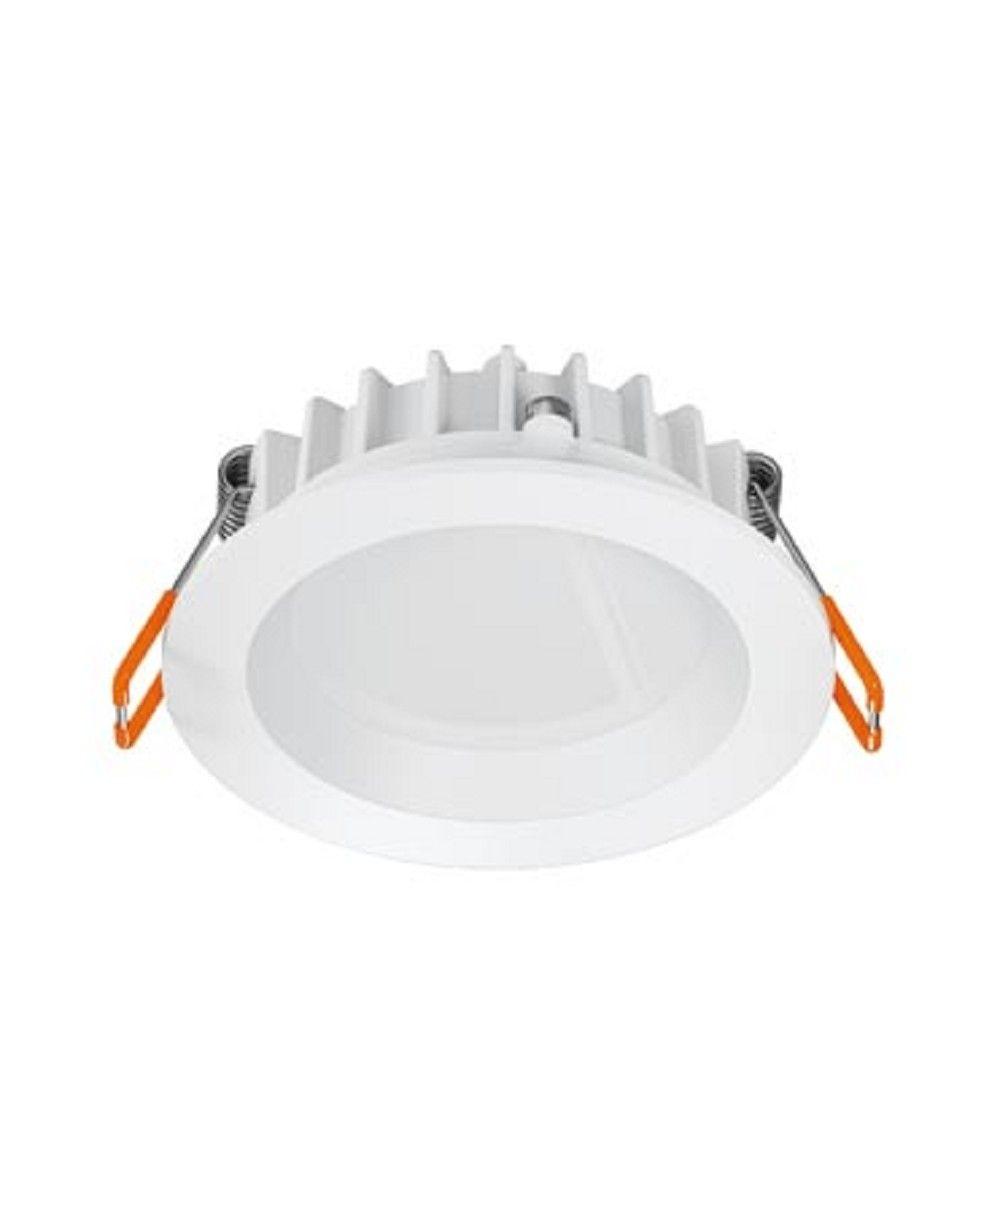 Osram 41193 PUNCTOLED IP65 10W flache SMD LED-Einbauleuchten | Licht ...